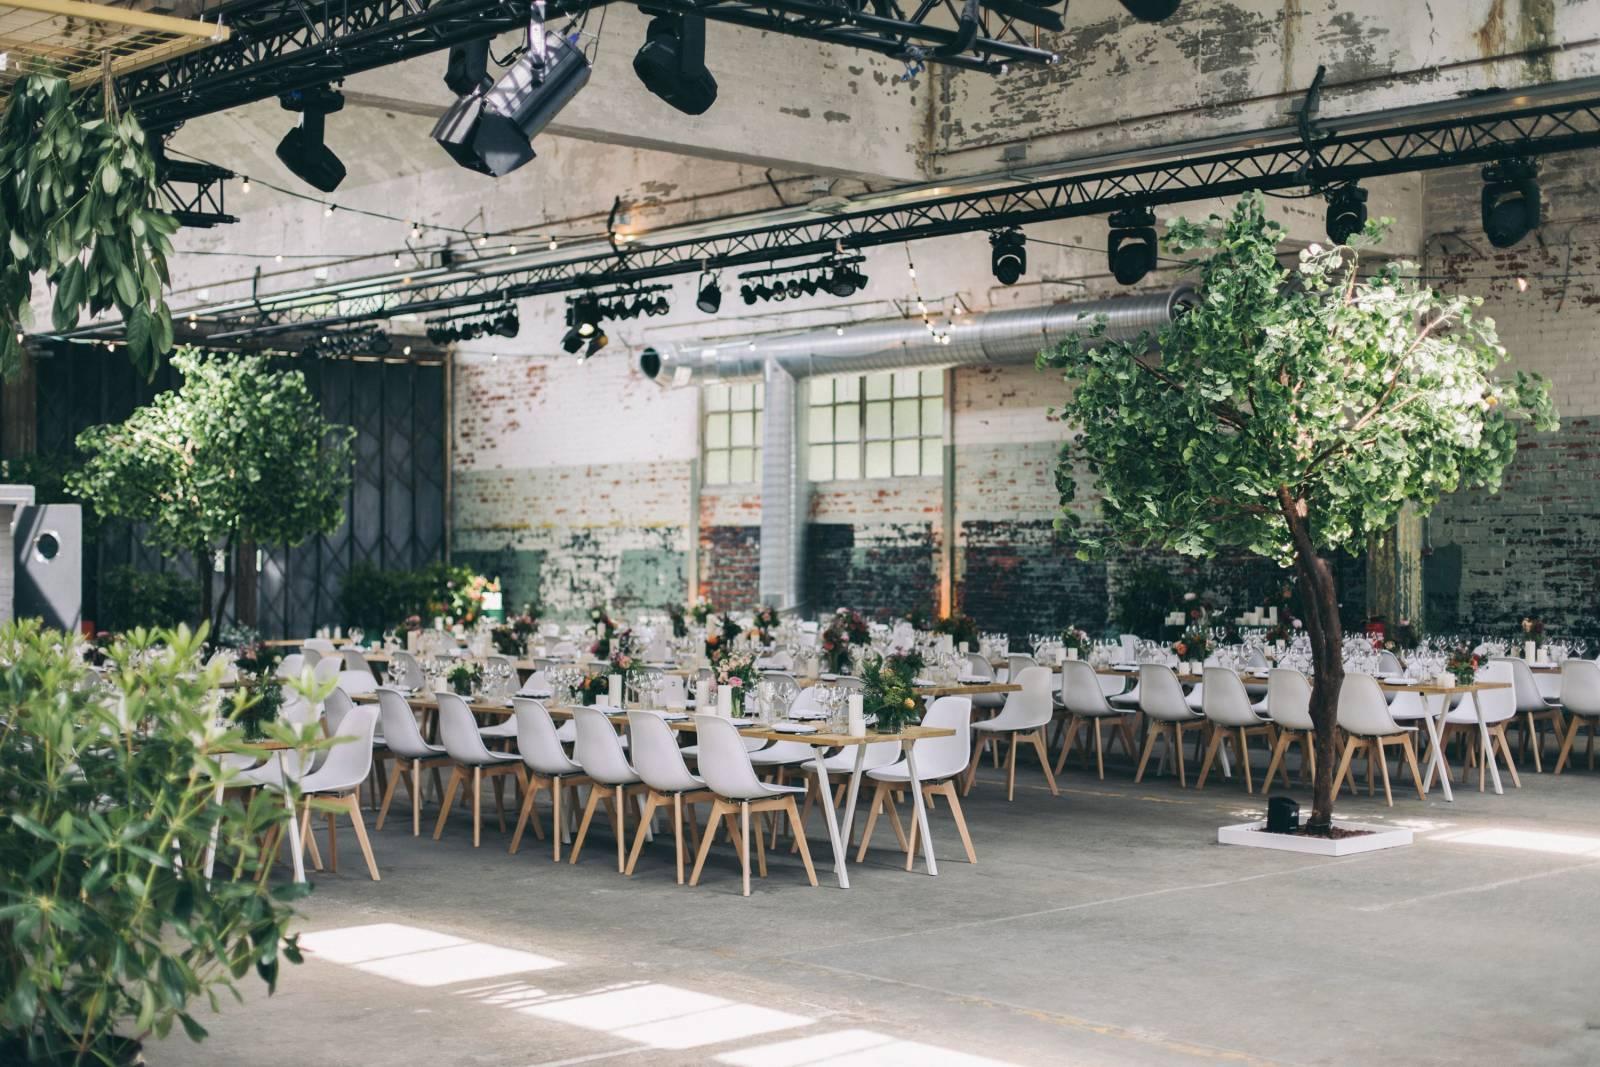 Feestverhuur Van Rompaey - Decoratie - Trouwdecoratie - House of Weddings - 4